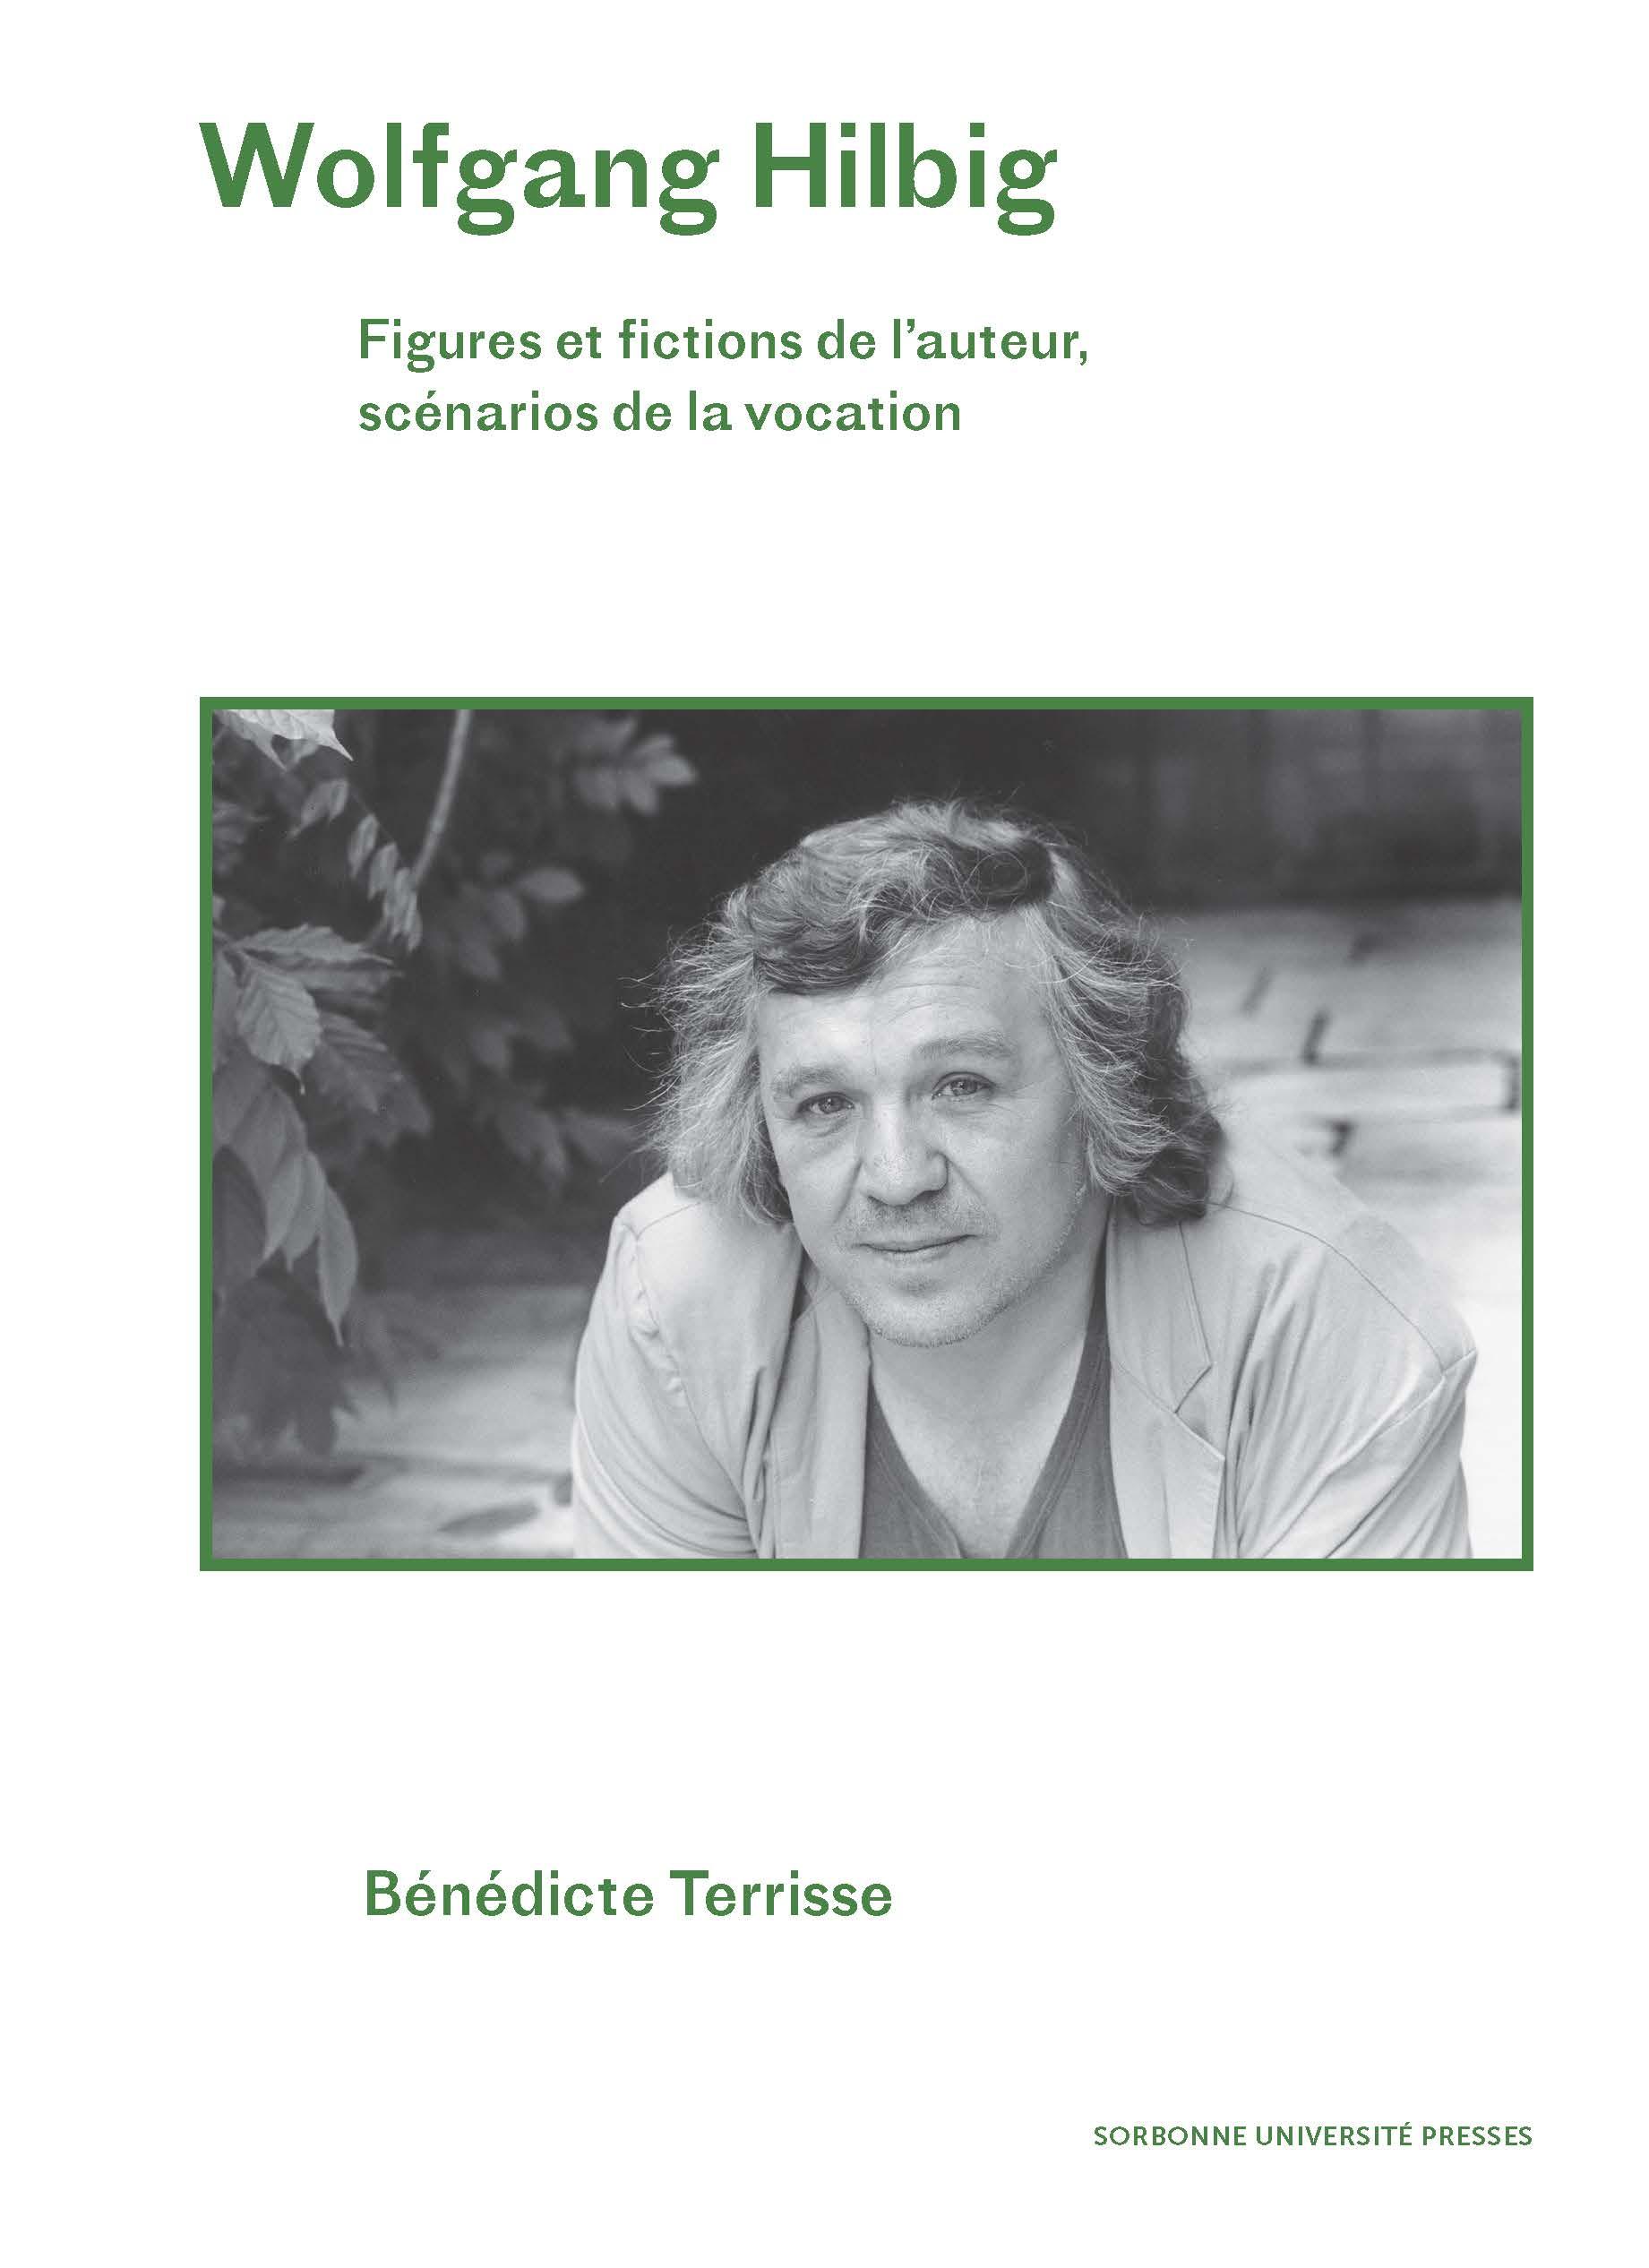 B. Terrisse, Wolfgang Hilbig. Figures et fictions de l'auteur, scénarios de la vocation